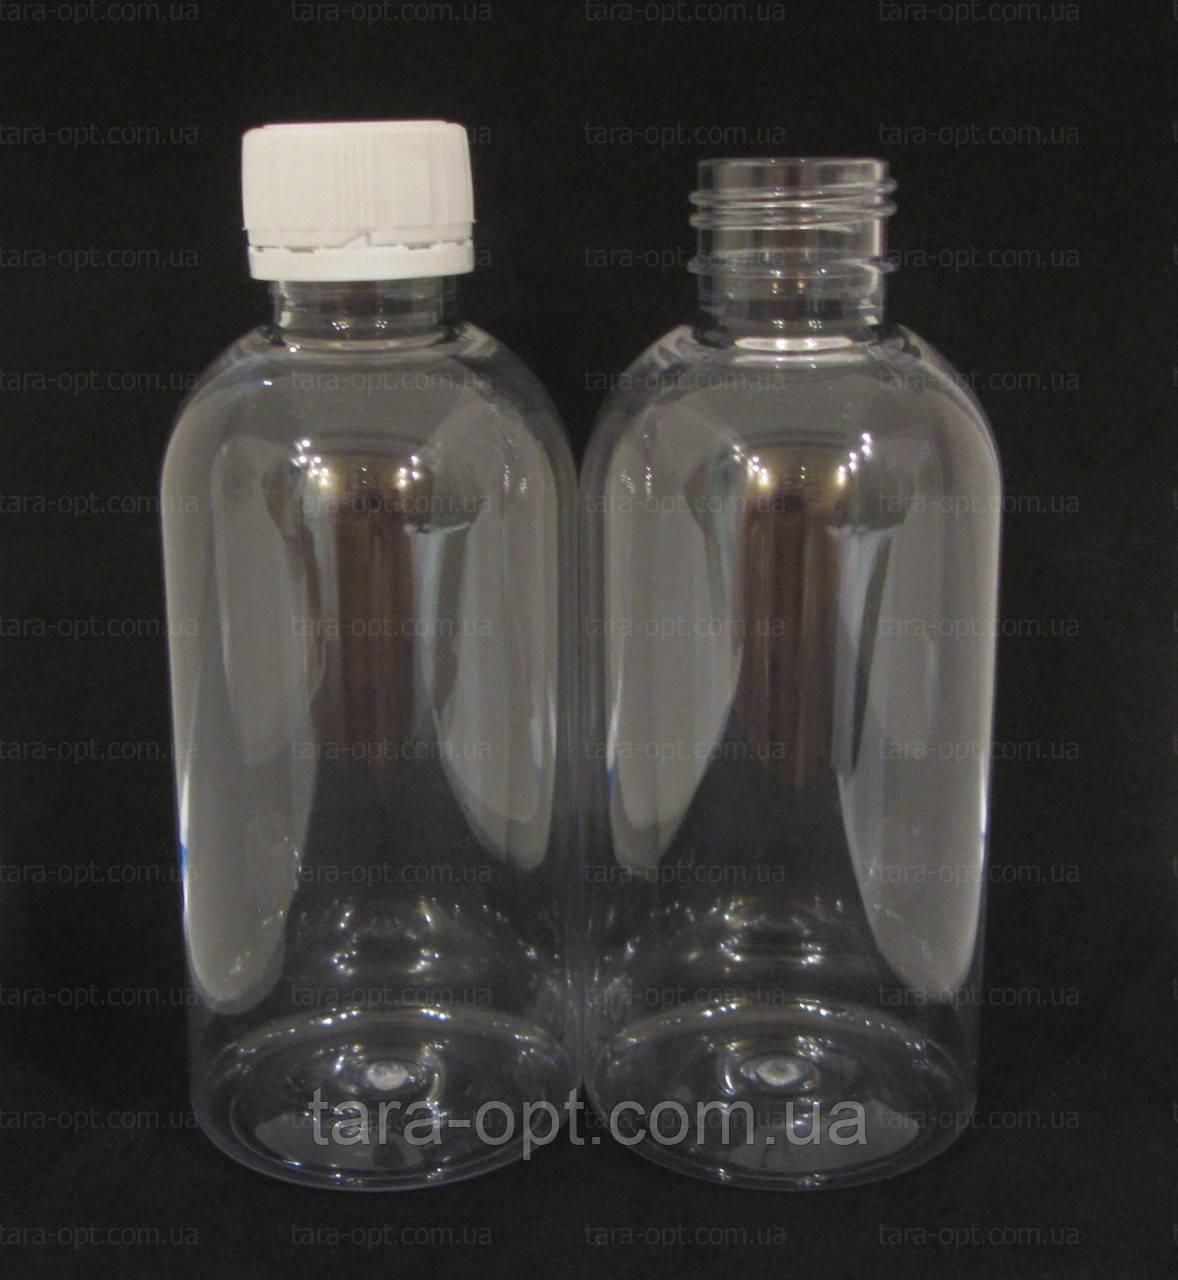 Прозрачный флакон 250 мл, плотный пластик